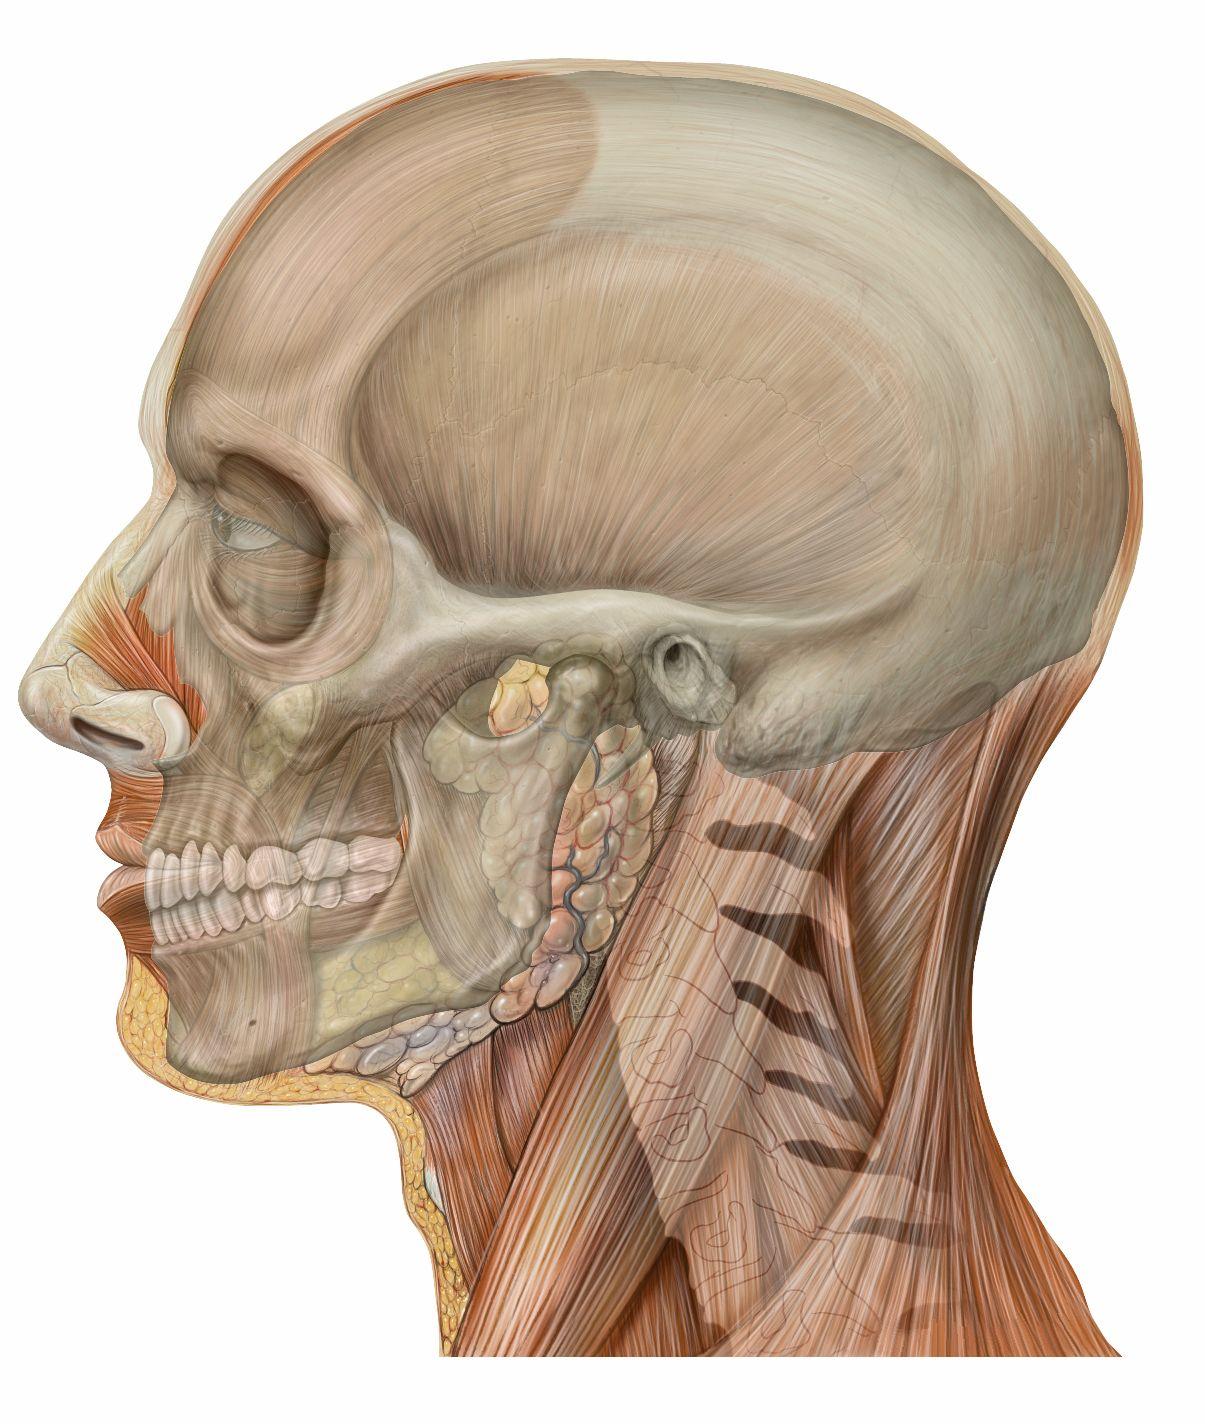 Stage Makeup Morgue Skulls Skeletal And Muscular